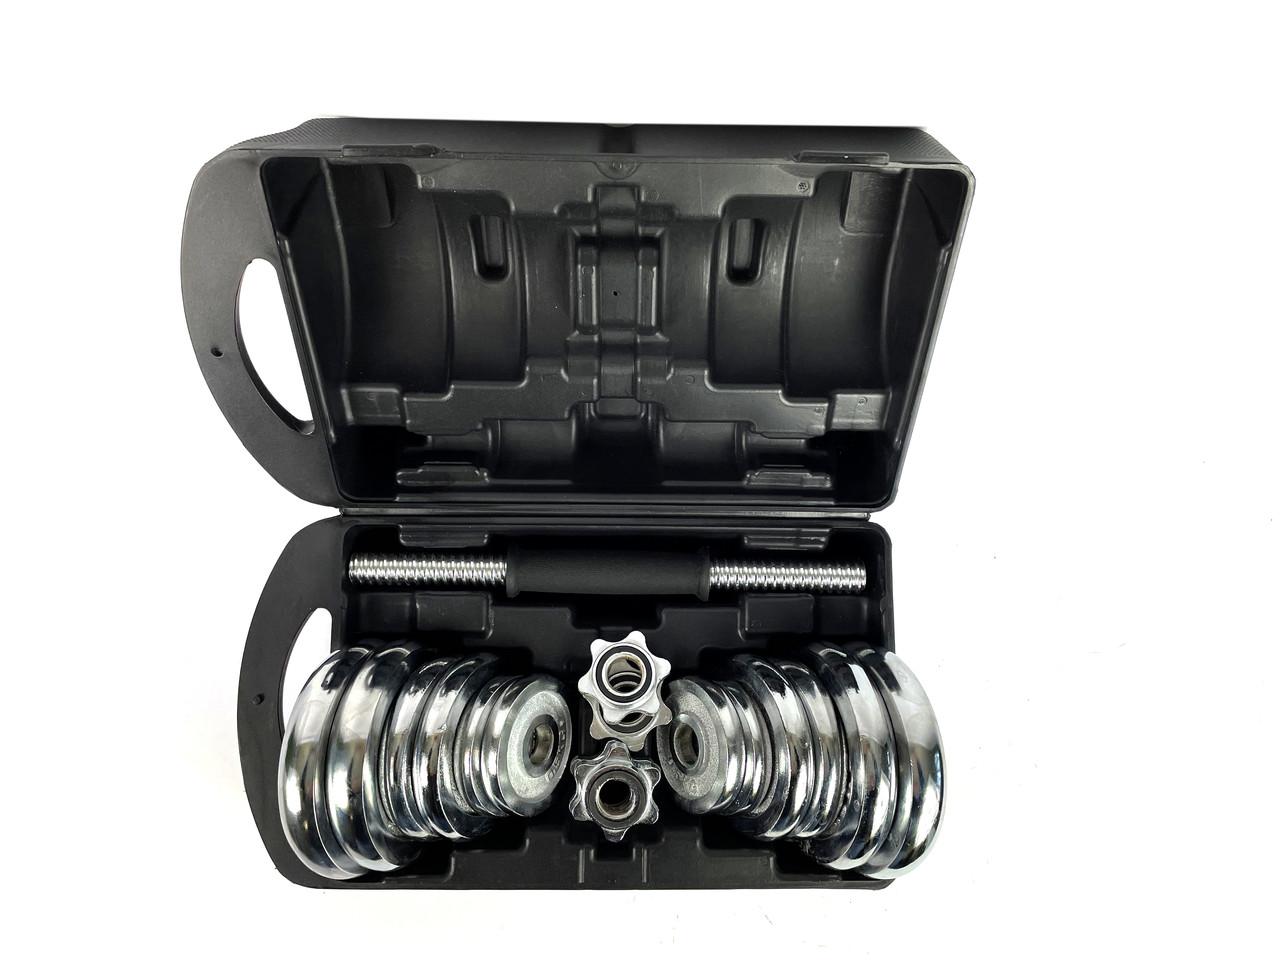 Комплект хромованих гантелей NEO-SPORT - 20 кг в боксі, розбірних із змінними дисками, фото 5